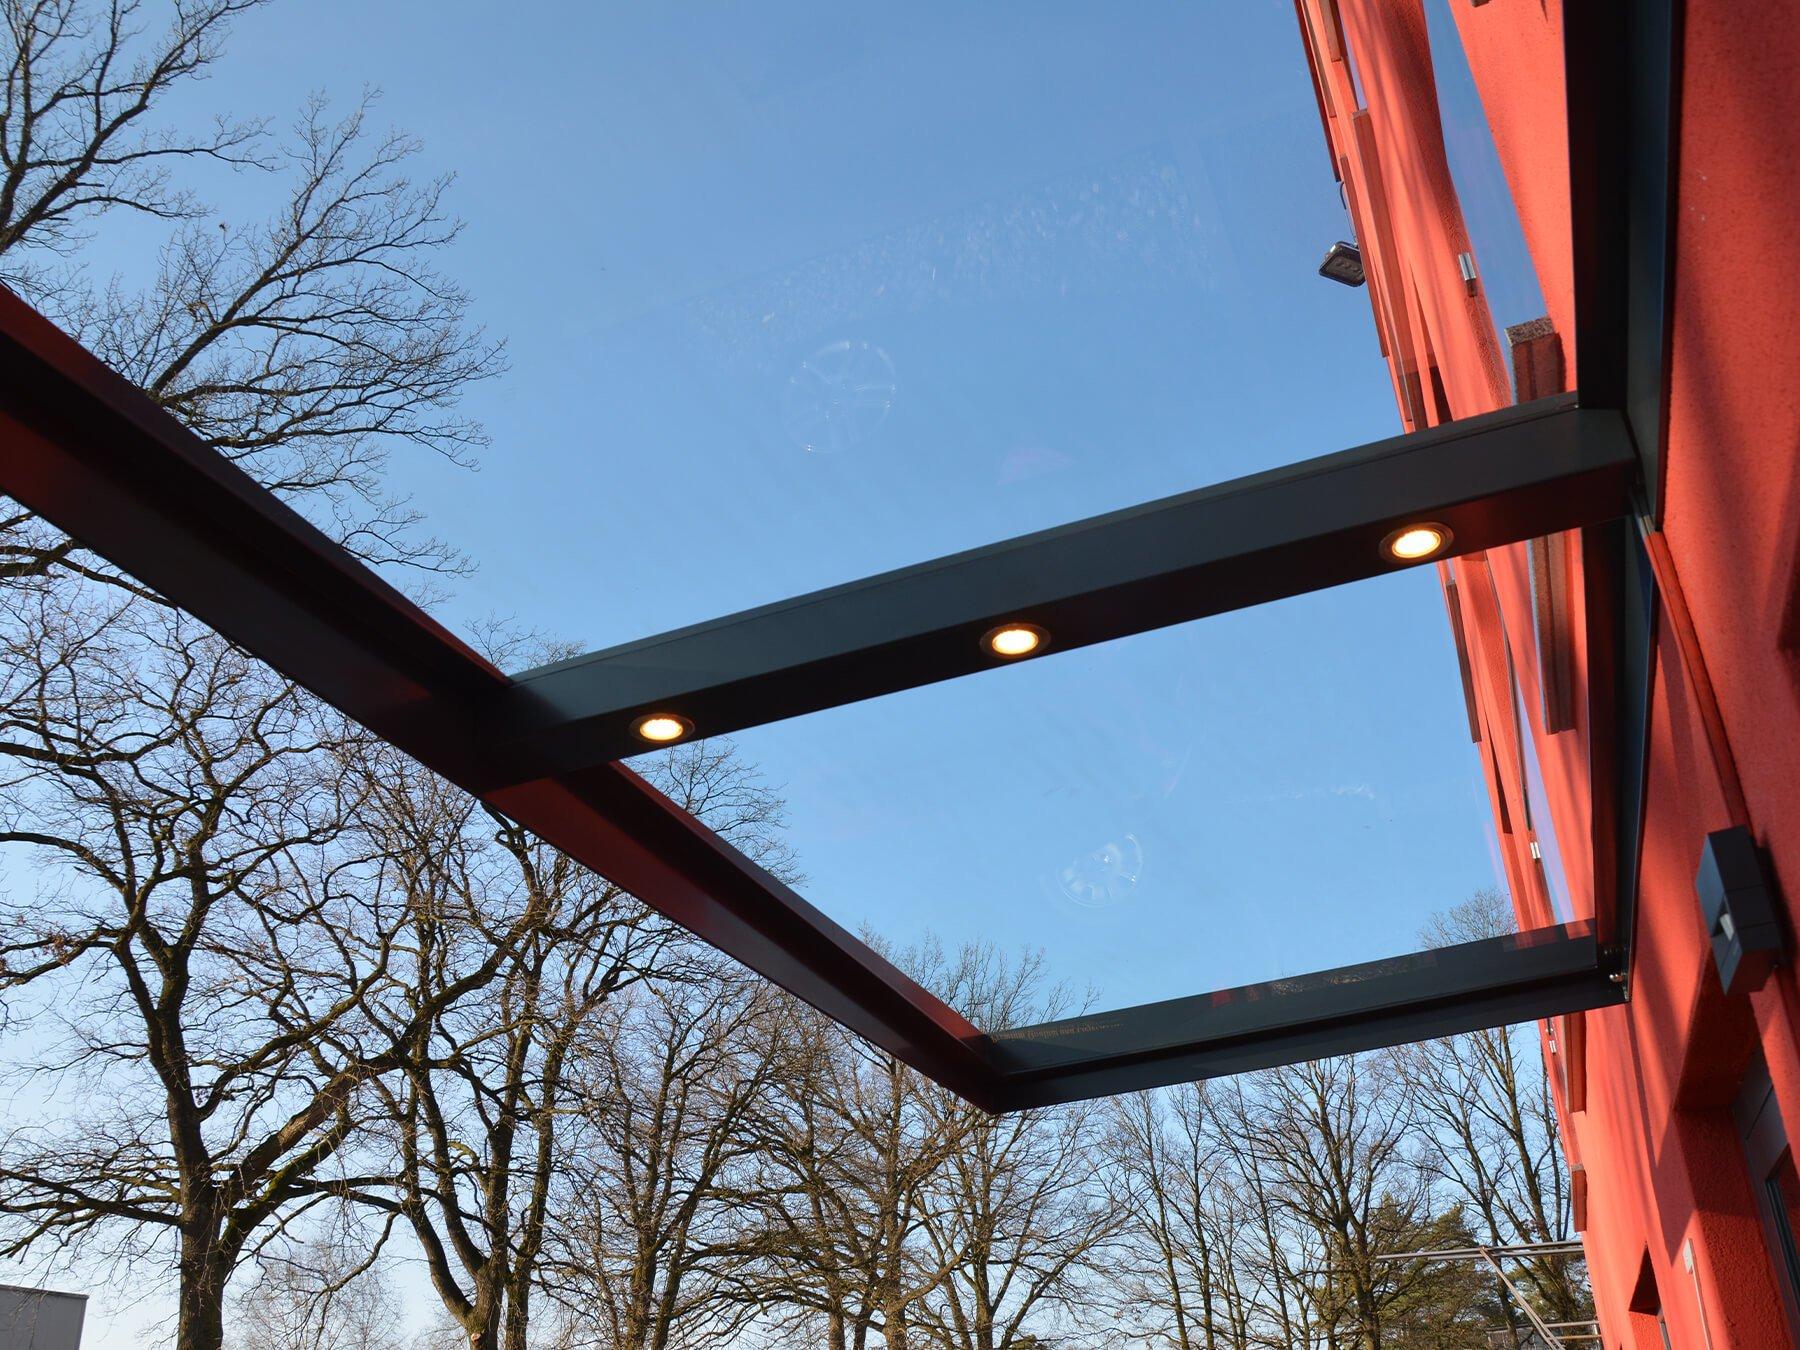 Großes Glasvordach mit umlaufendem Stahlrahmen in schwarz und integrierten Spots